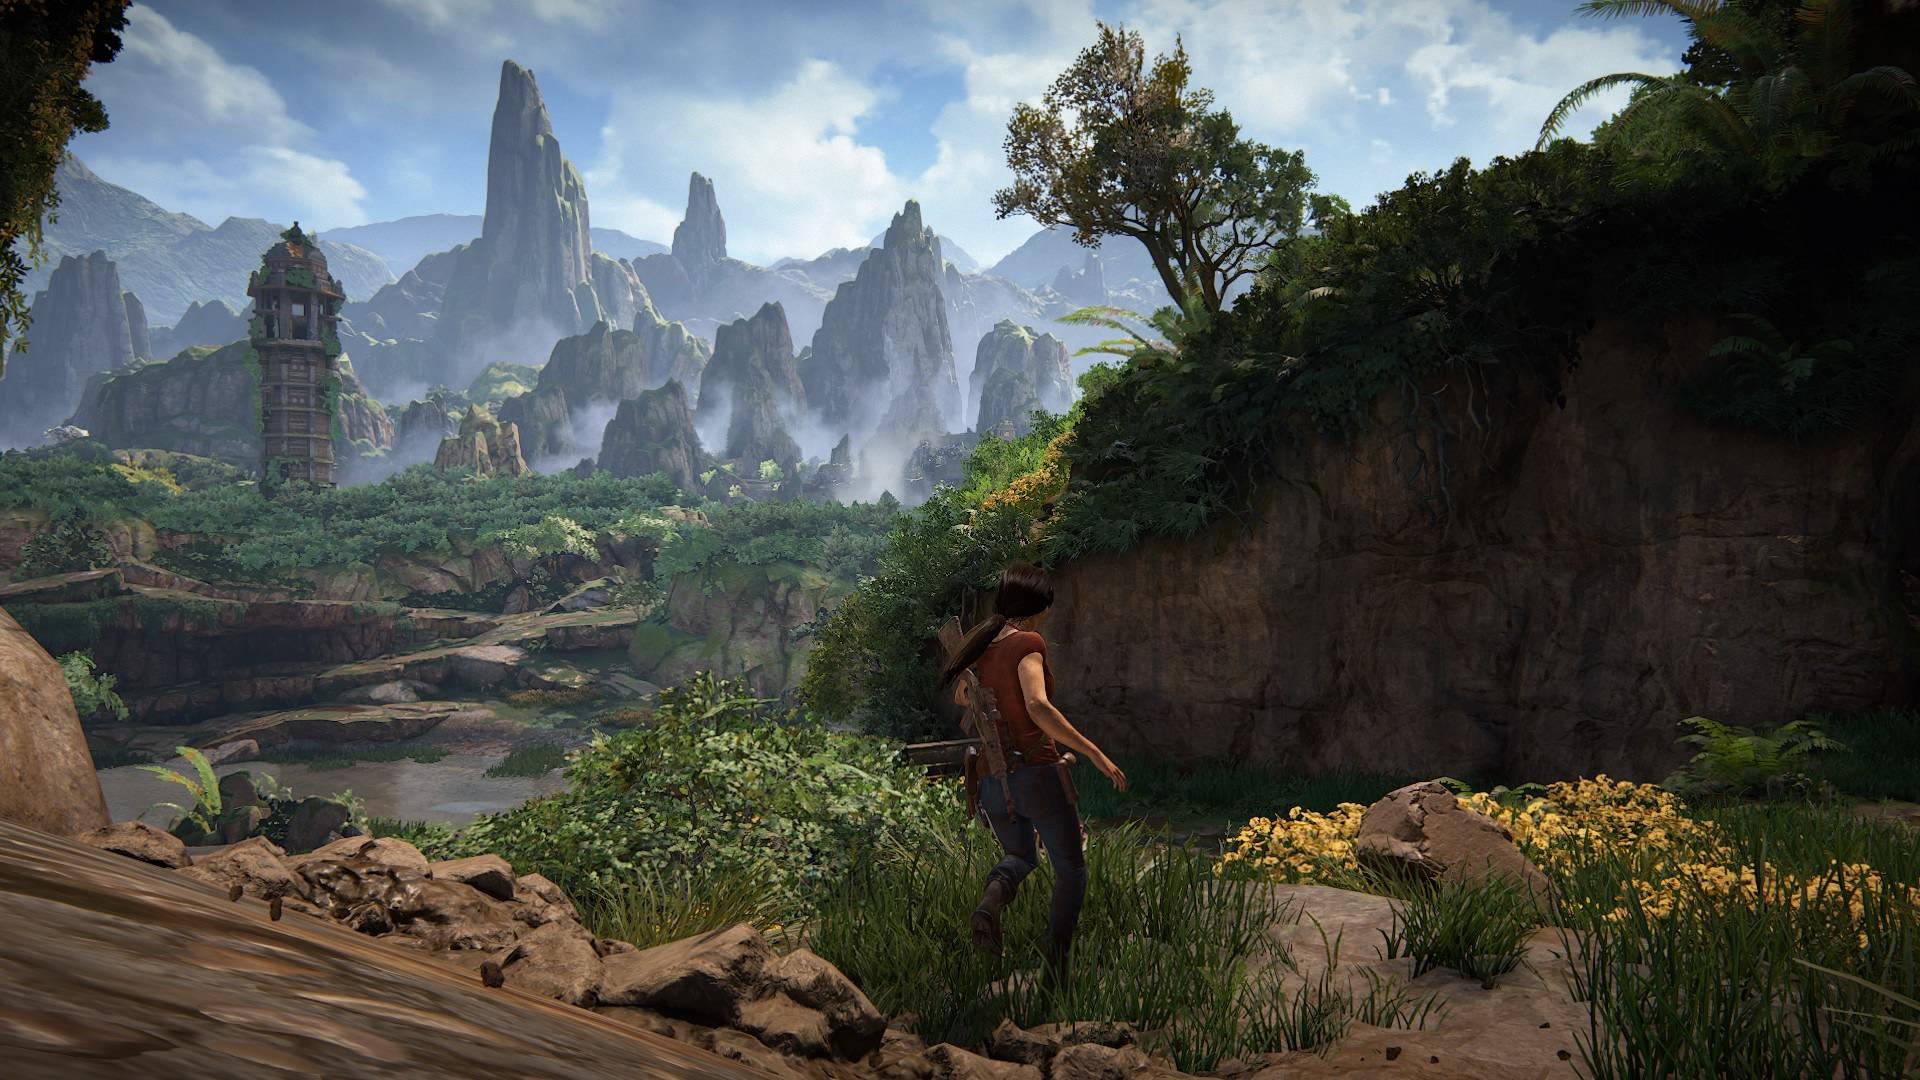 Chloe heading down a mountain path.